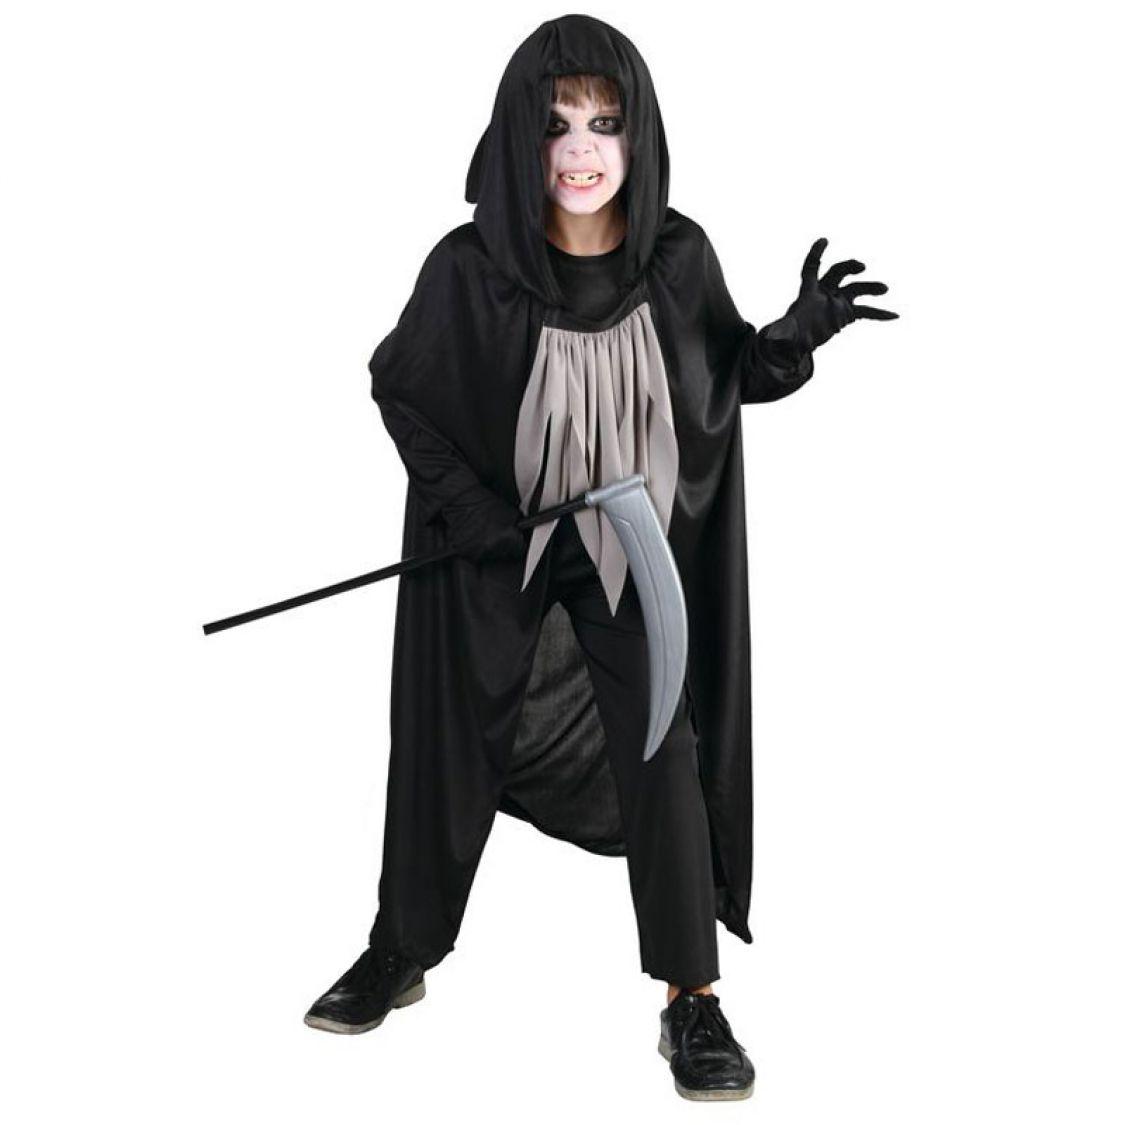 D guisement enfant faucheuse - Deguisement halloween enfant ...